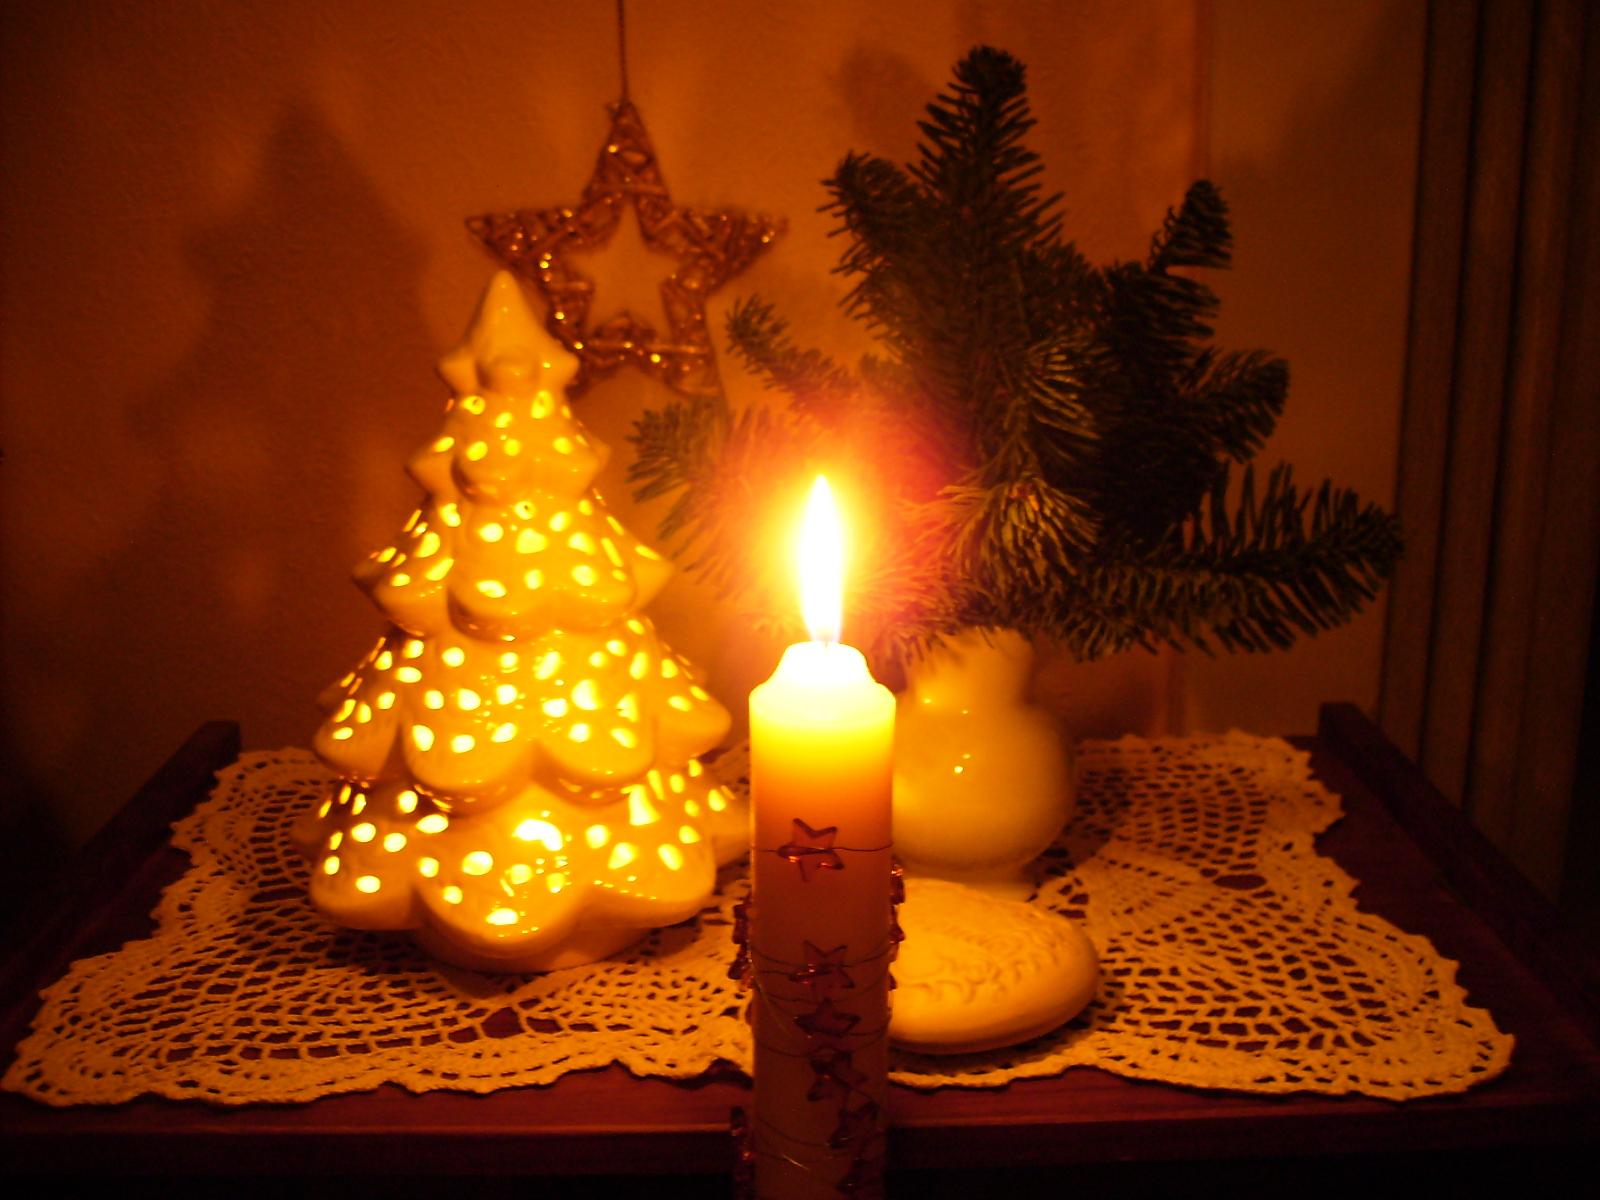 Kerzen%2Bund%2Bwei%25C3%259Fes%2BTannenb%25C3%25A4umchen%2B26.11.2010%2B%252820%2529 Stilvolle Künstliche Weihnachtsbäume Wie Echt Dekorationen